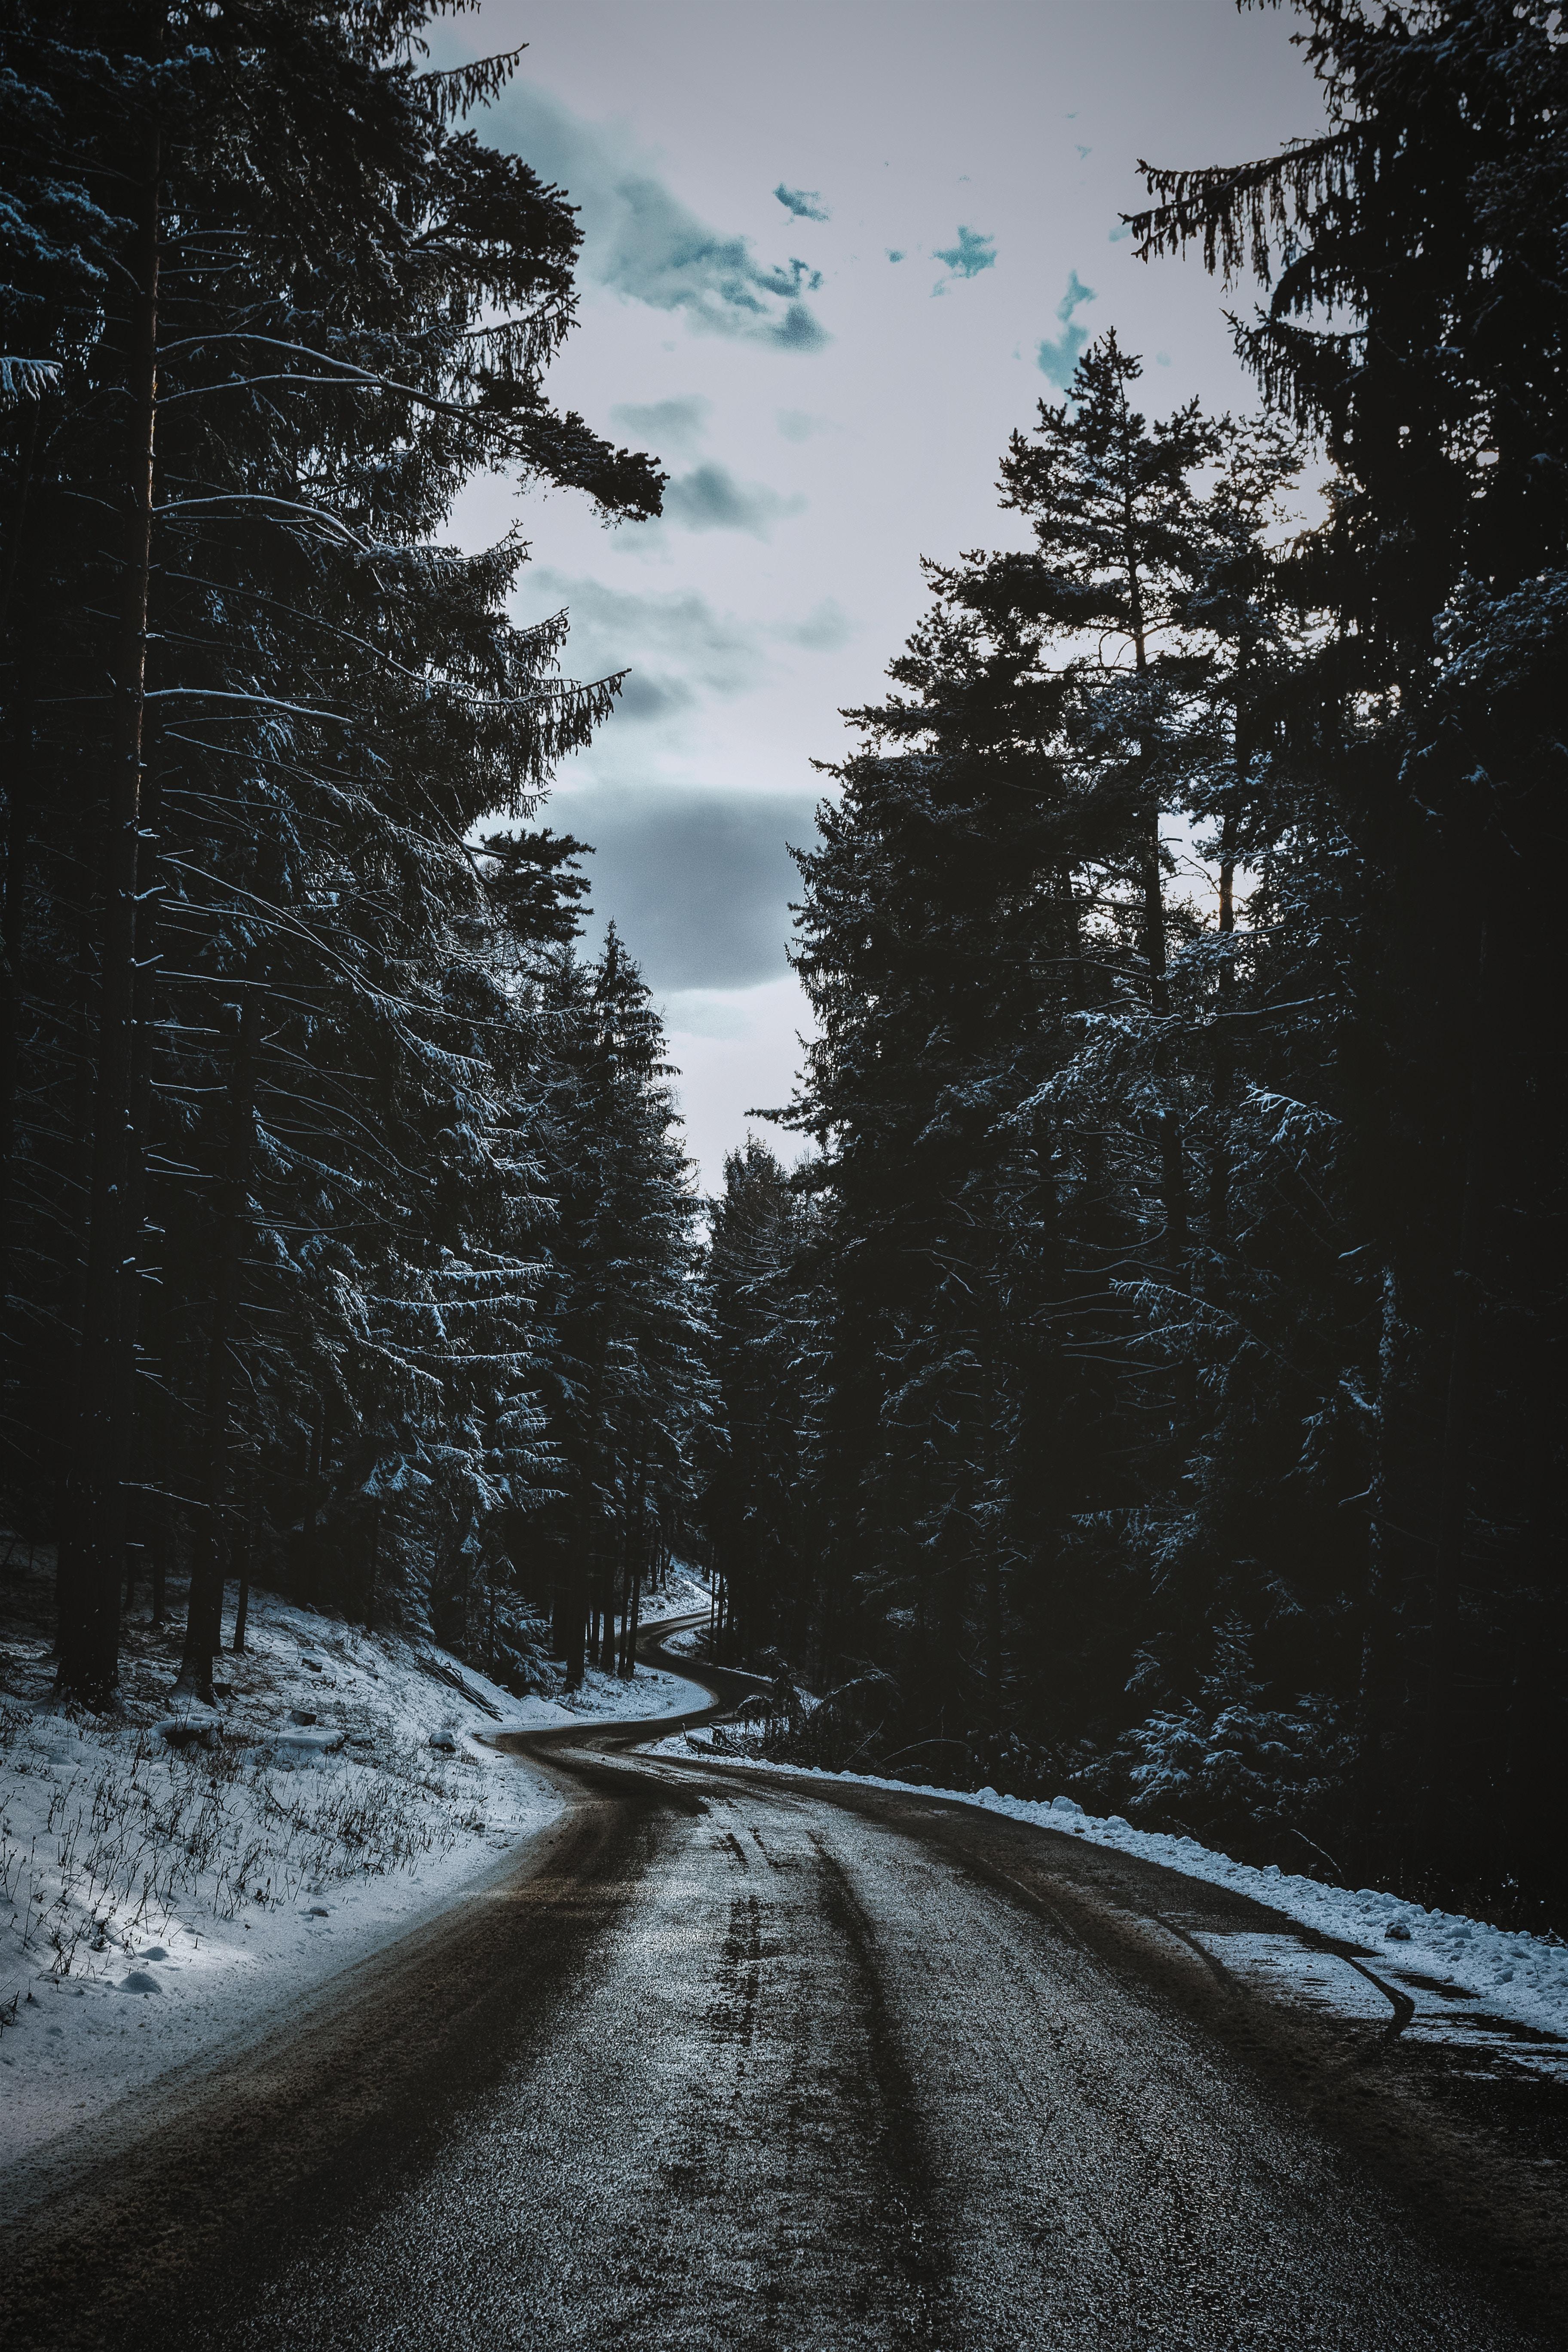 132840 Hintergrundbild 128x160 kostenlos auf deinem Handy, lade Bilder Winterreifen, Natur, Bäume, Schnee, Straße, Wicklung, Gewundenen 128x160 auf dein Handy herunter